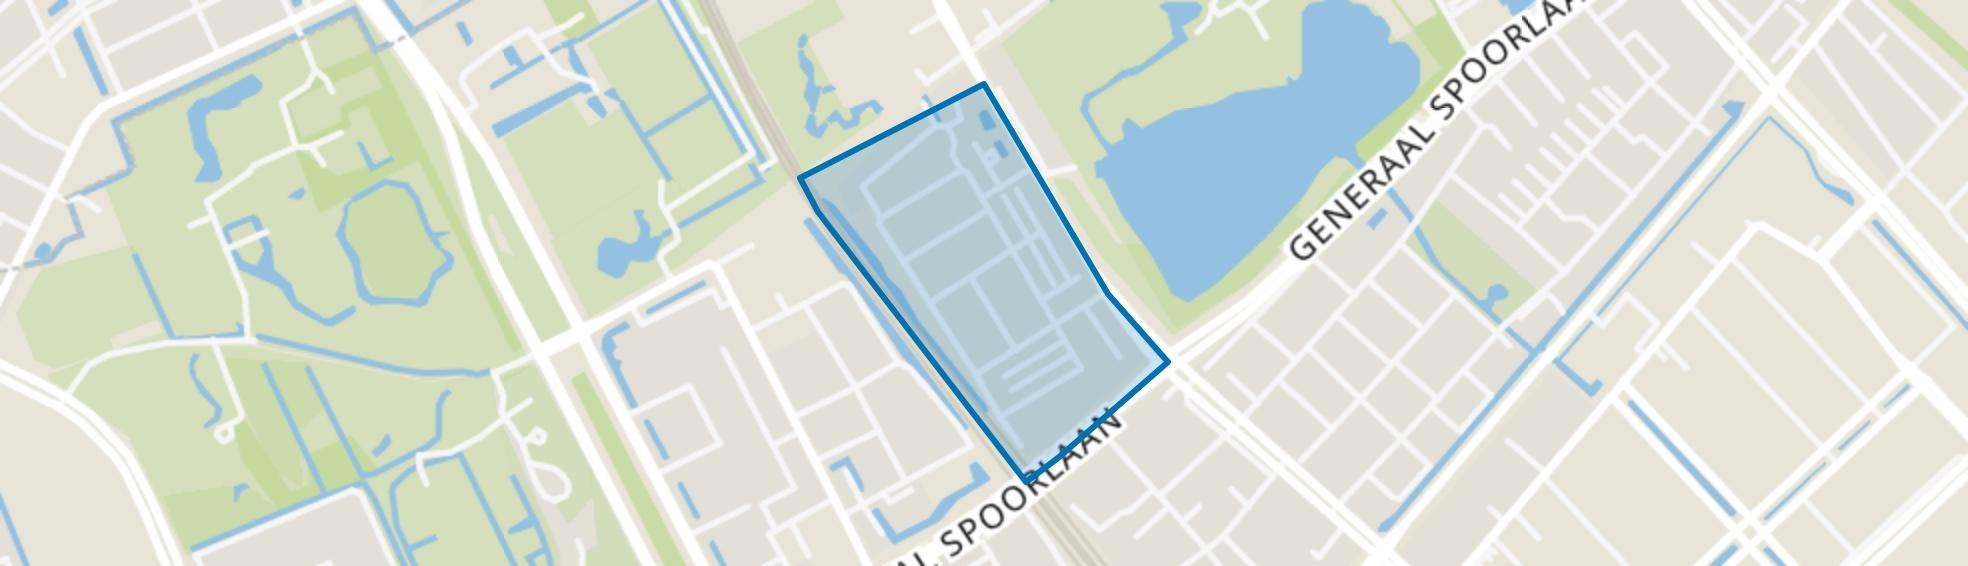 Huis te Lande, Rijswijk (ZH) map